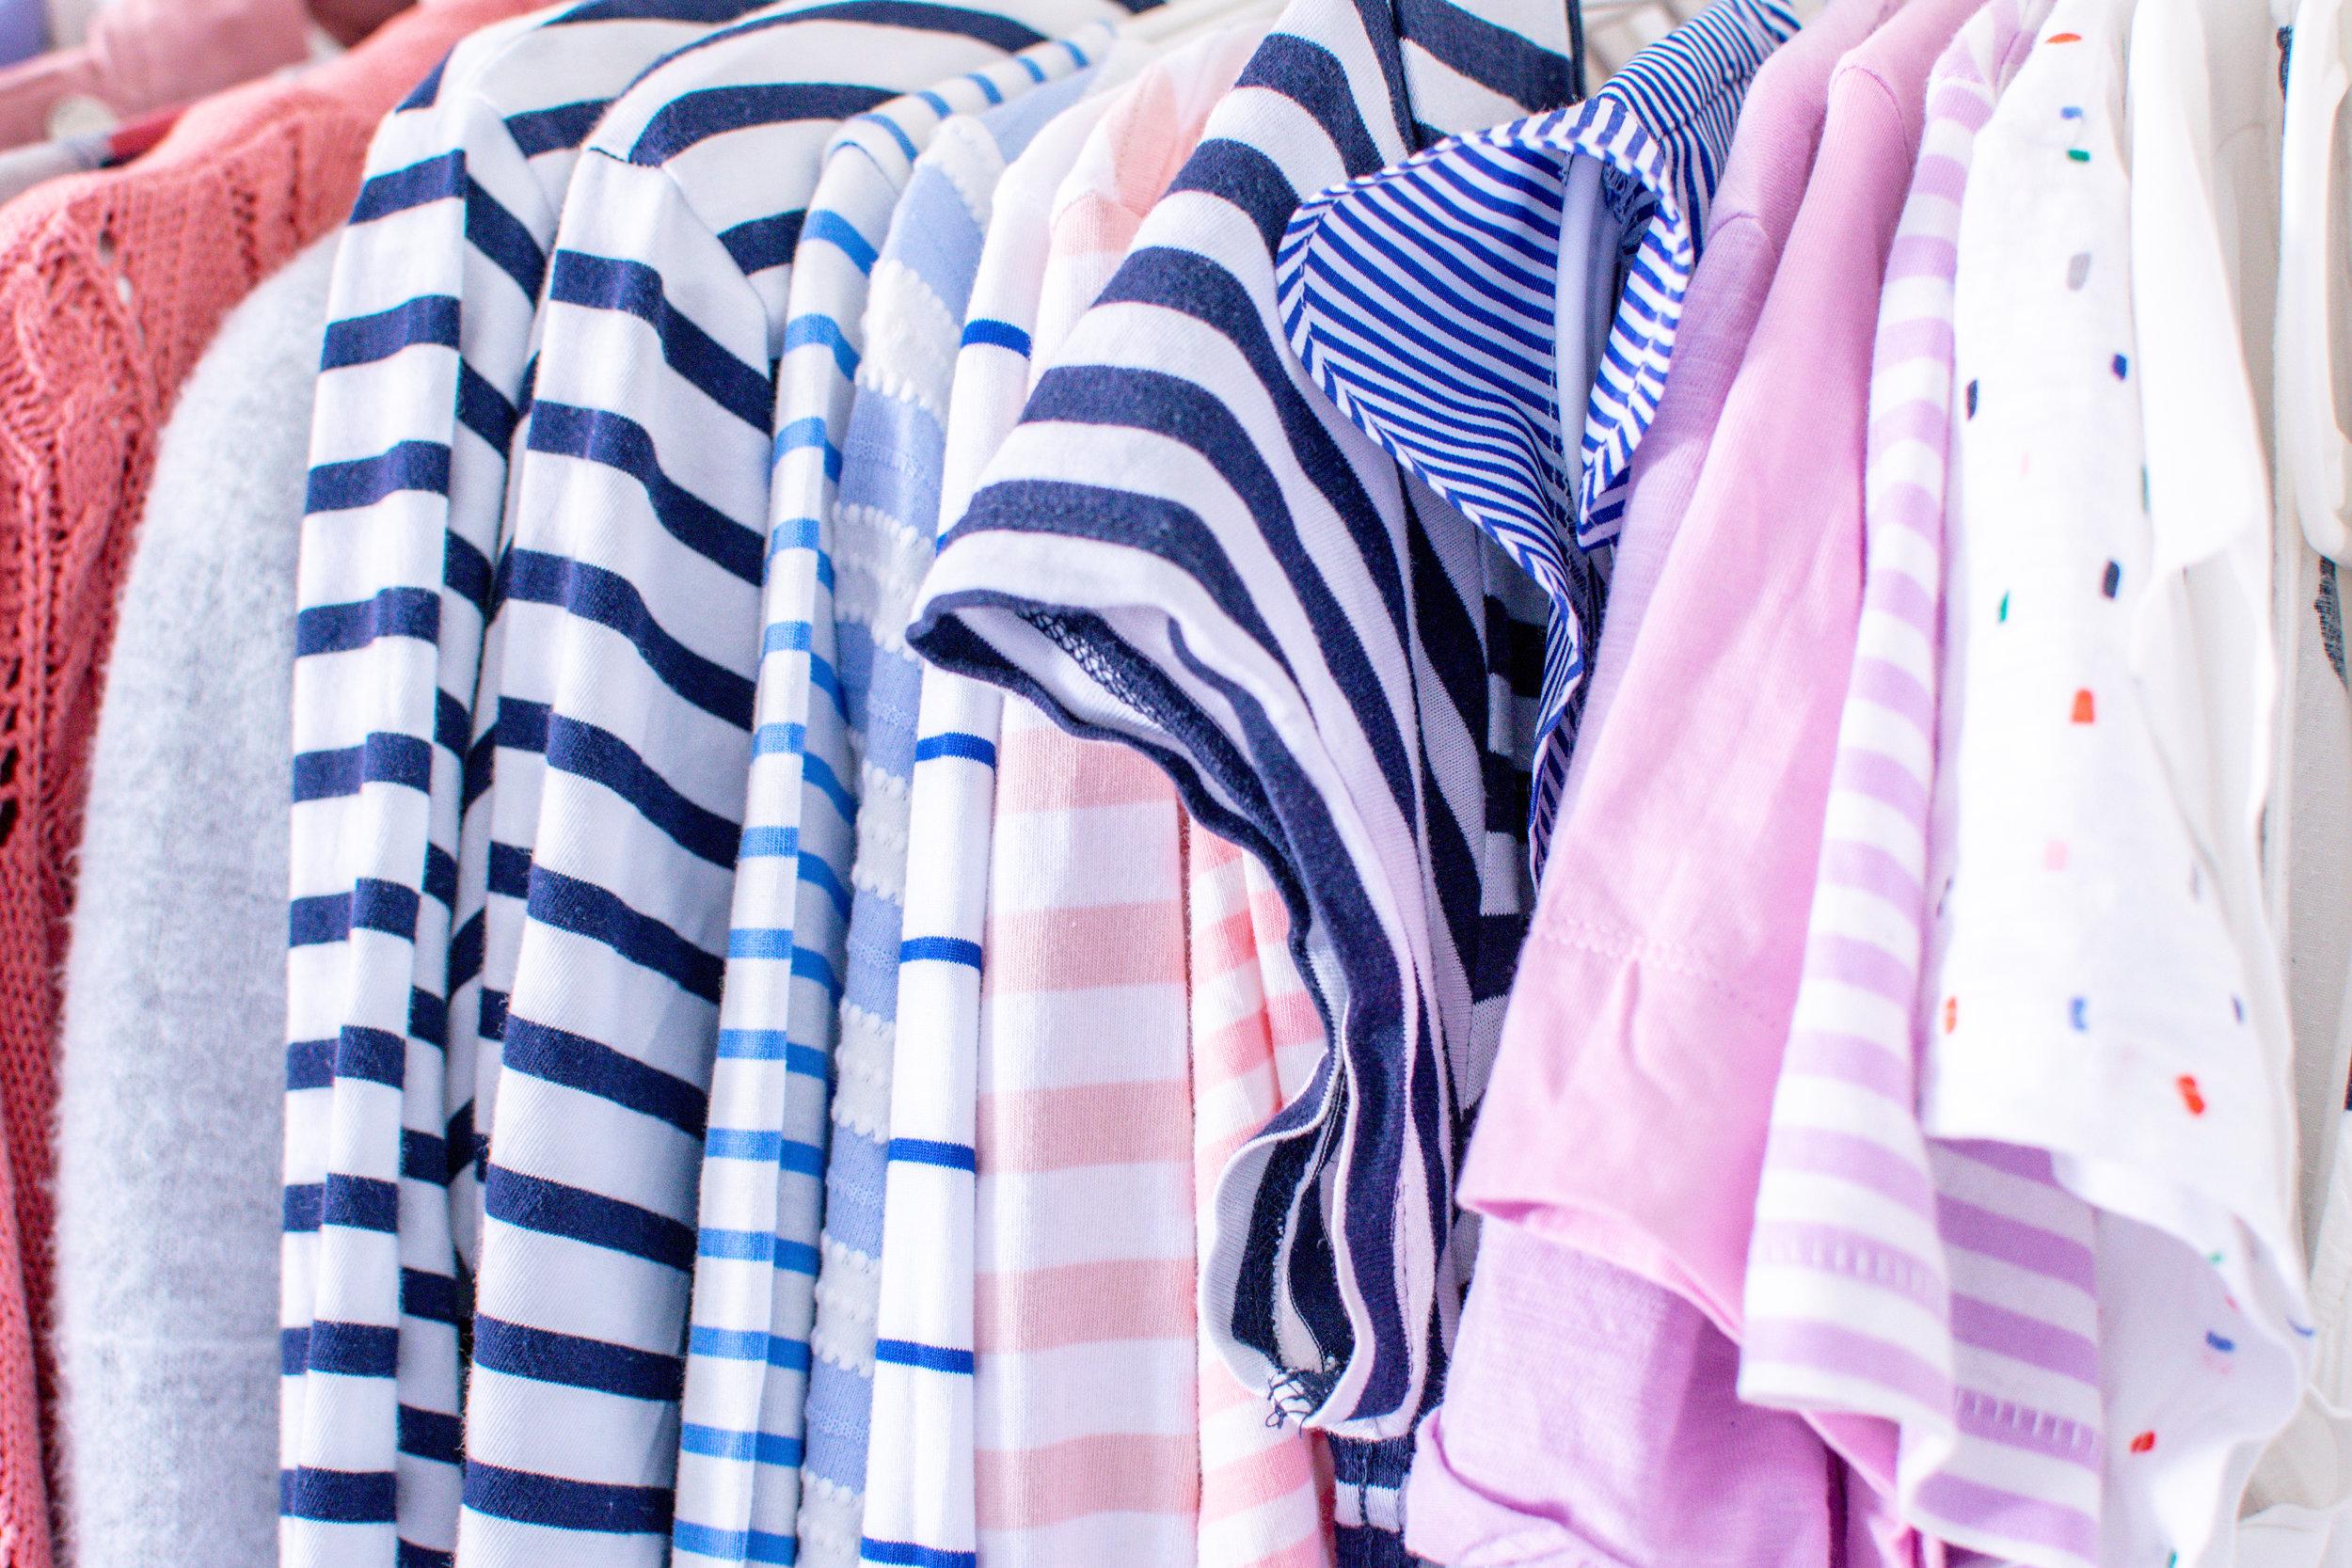 capsule wardrobe striped longsleeves pink t-shirt